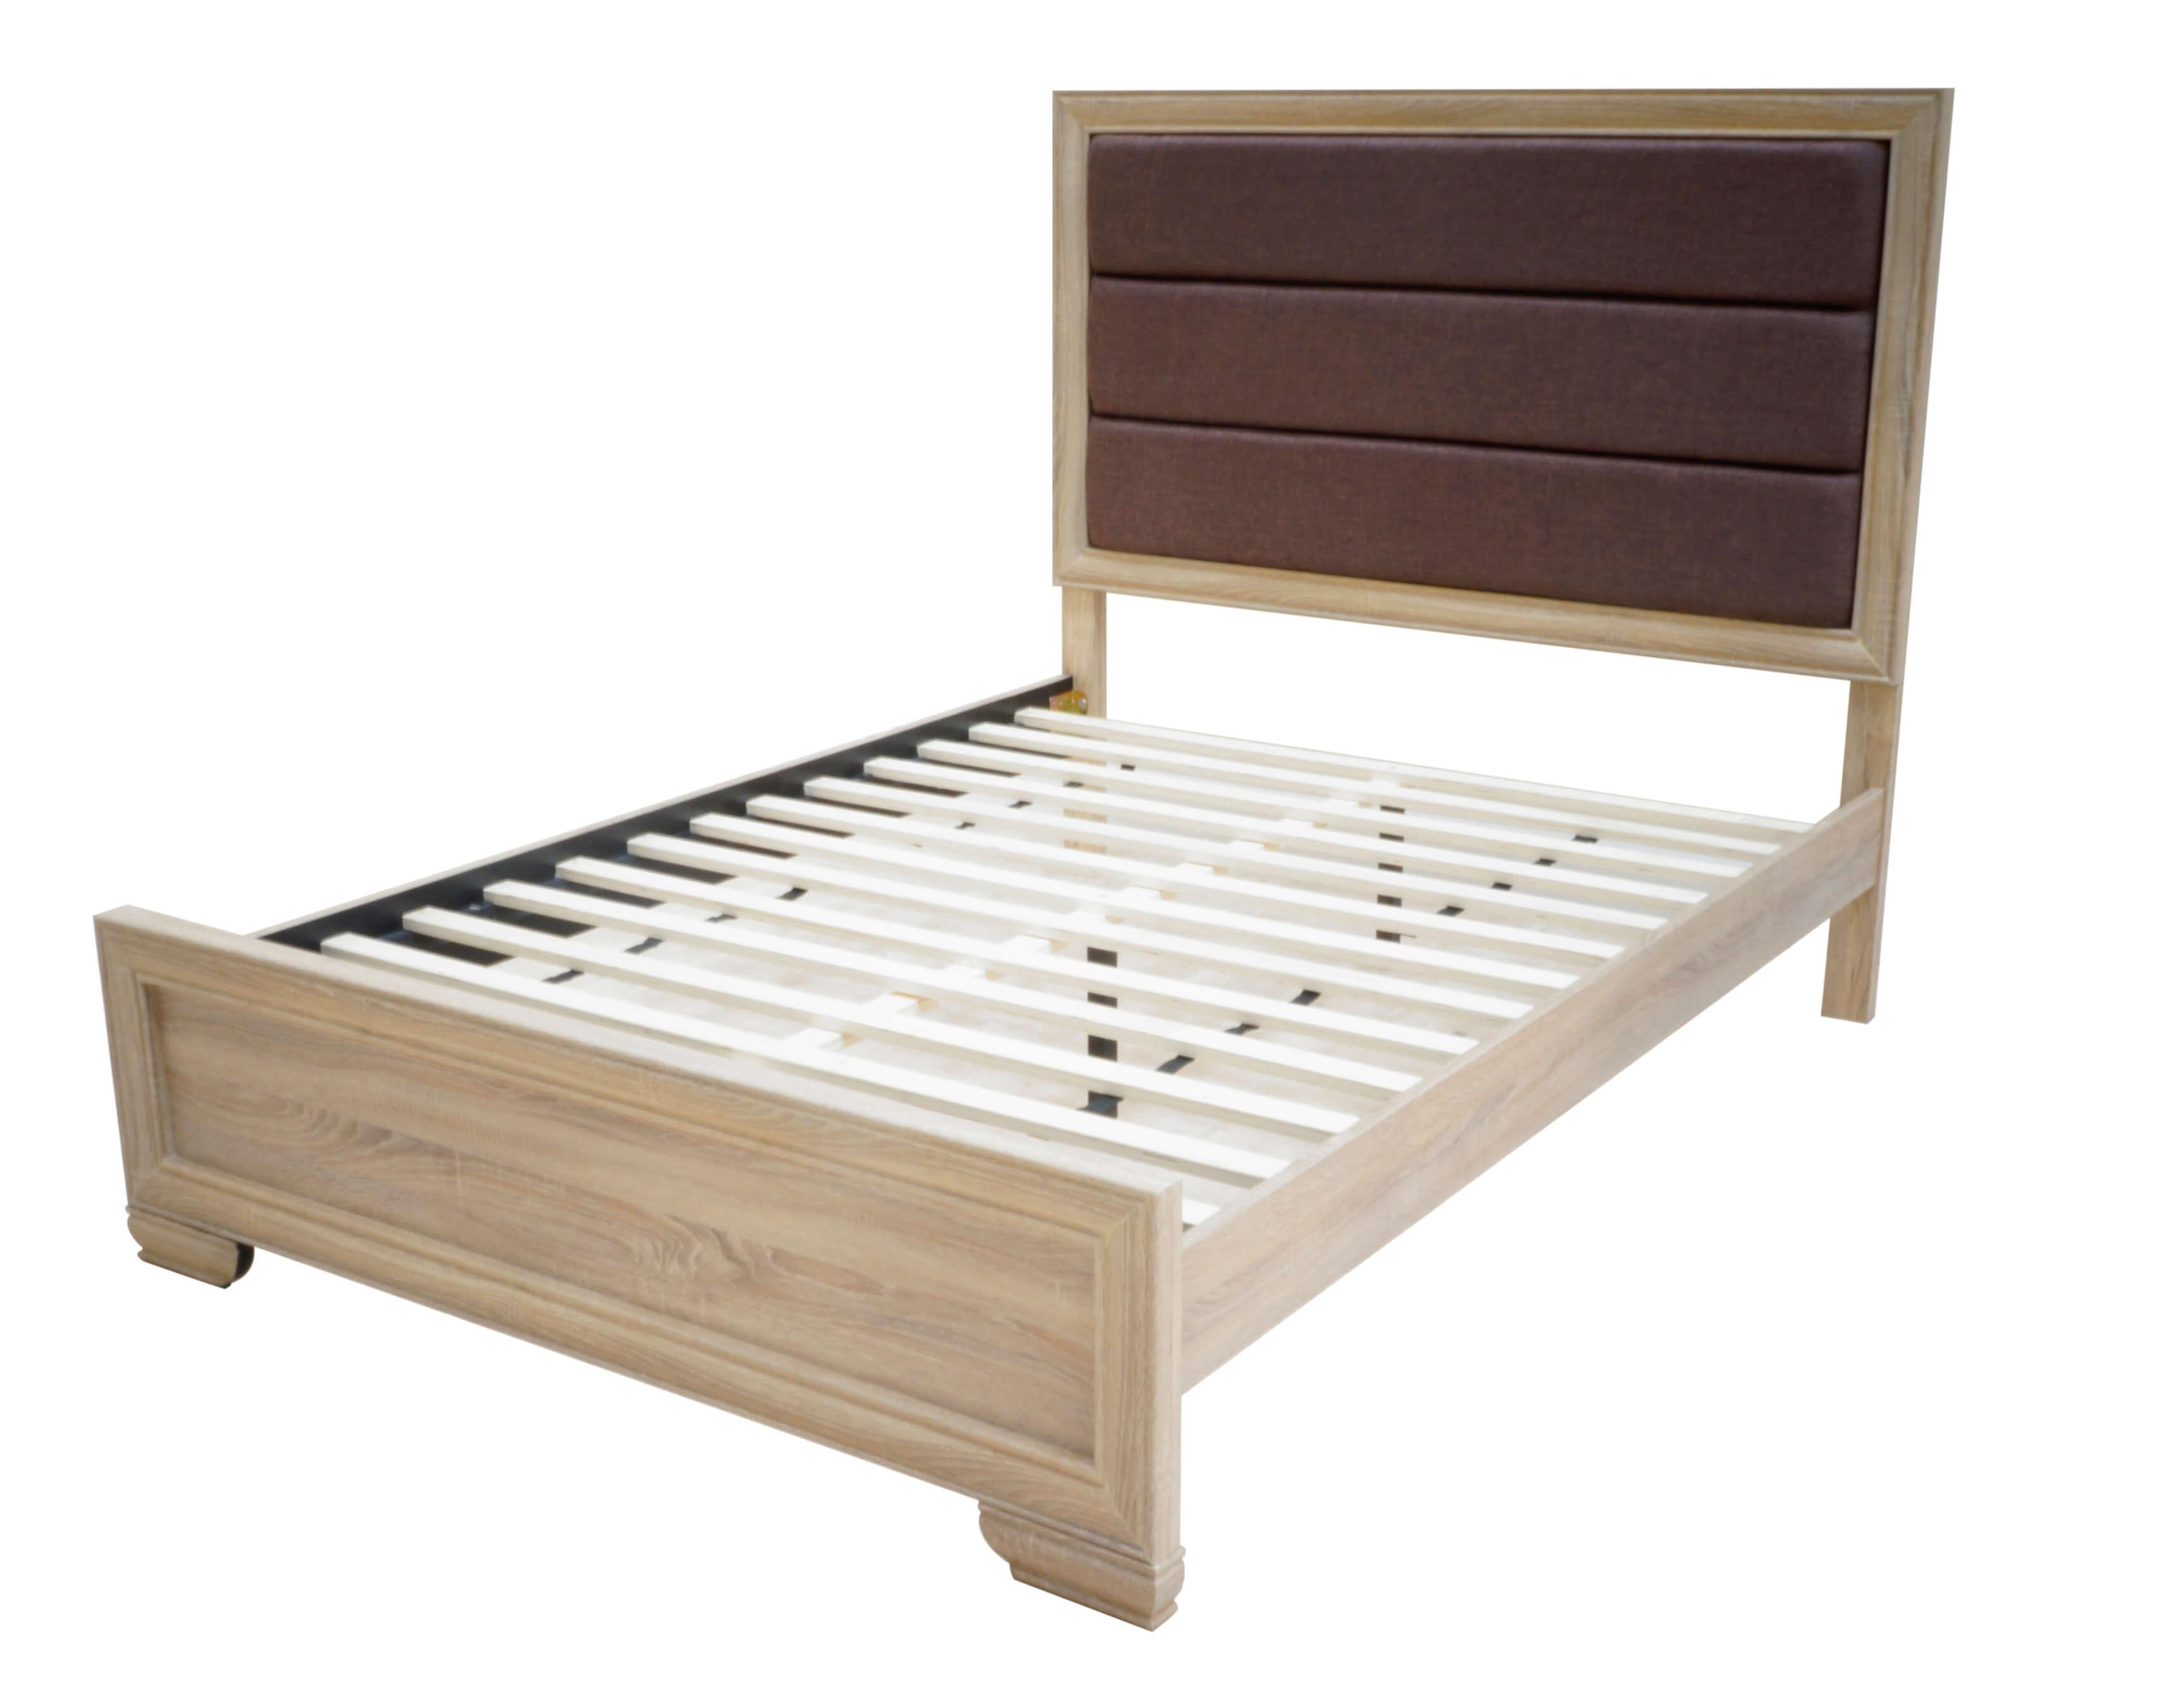 Evora 5' Bed